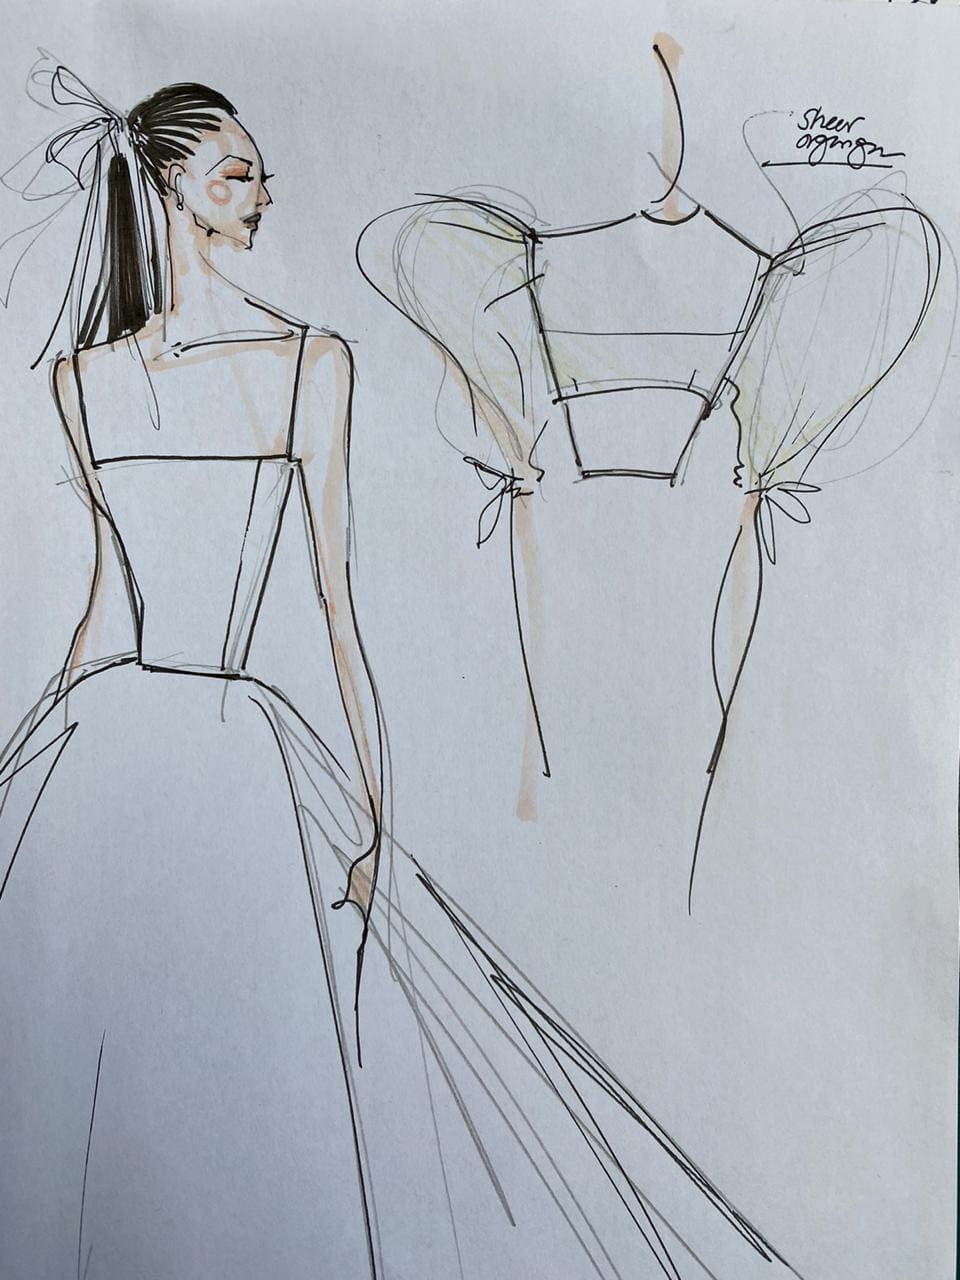 Cath Sobrevega sketch of alex gonzaga wedding gown